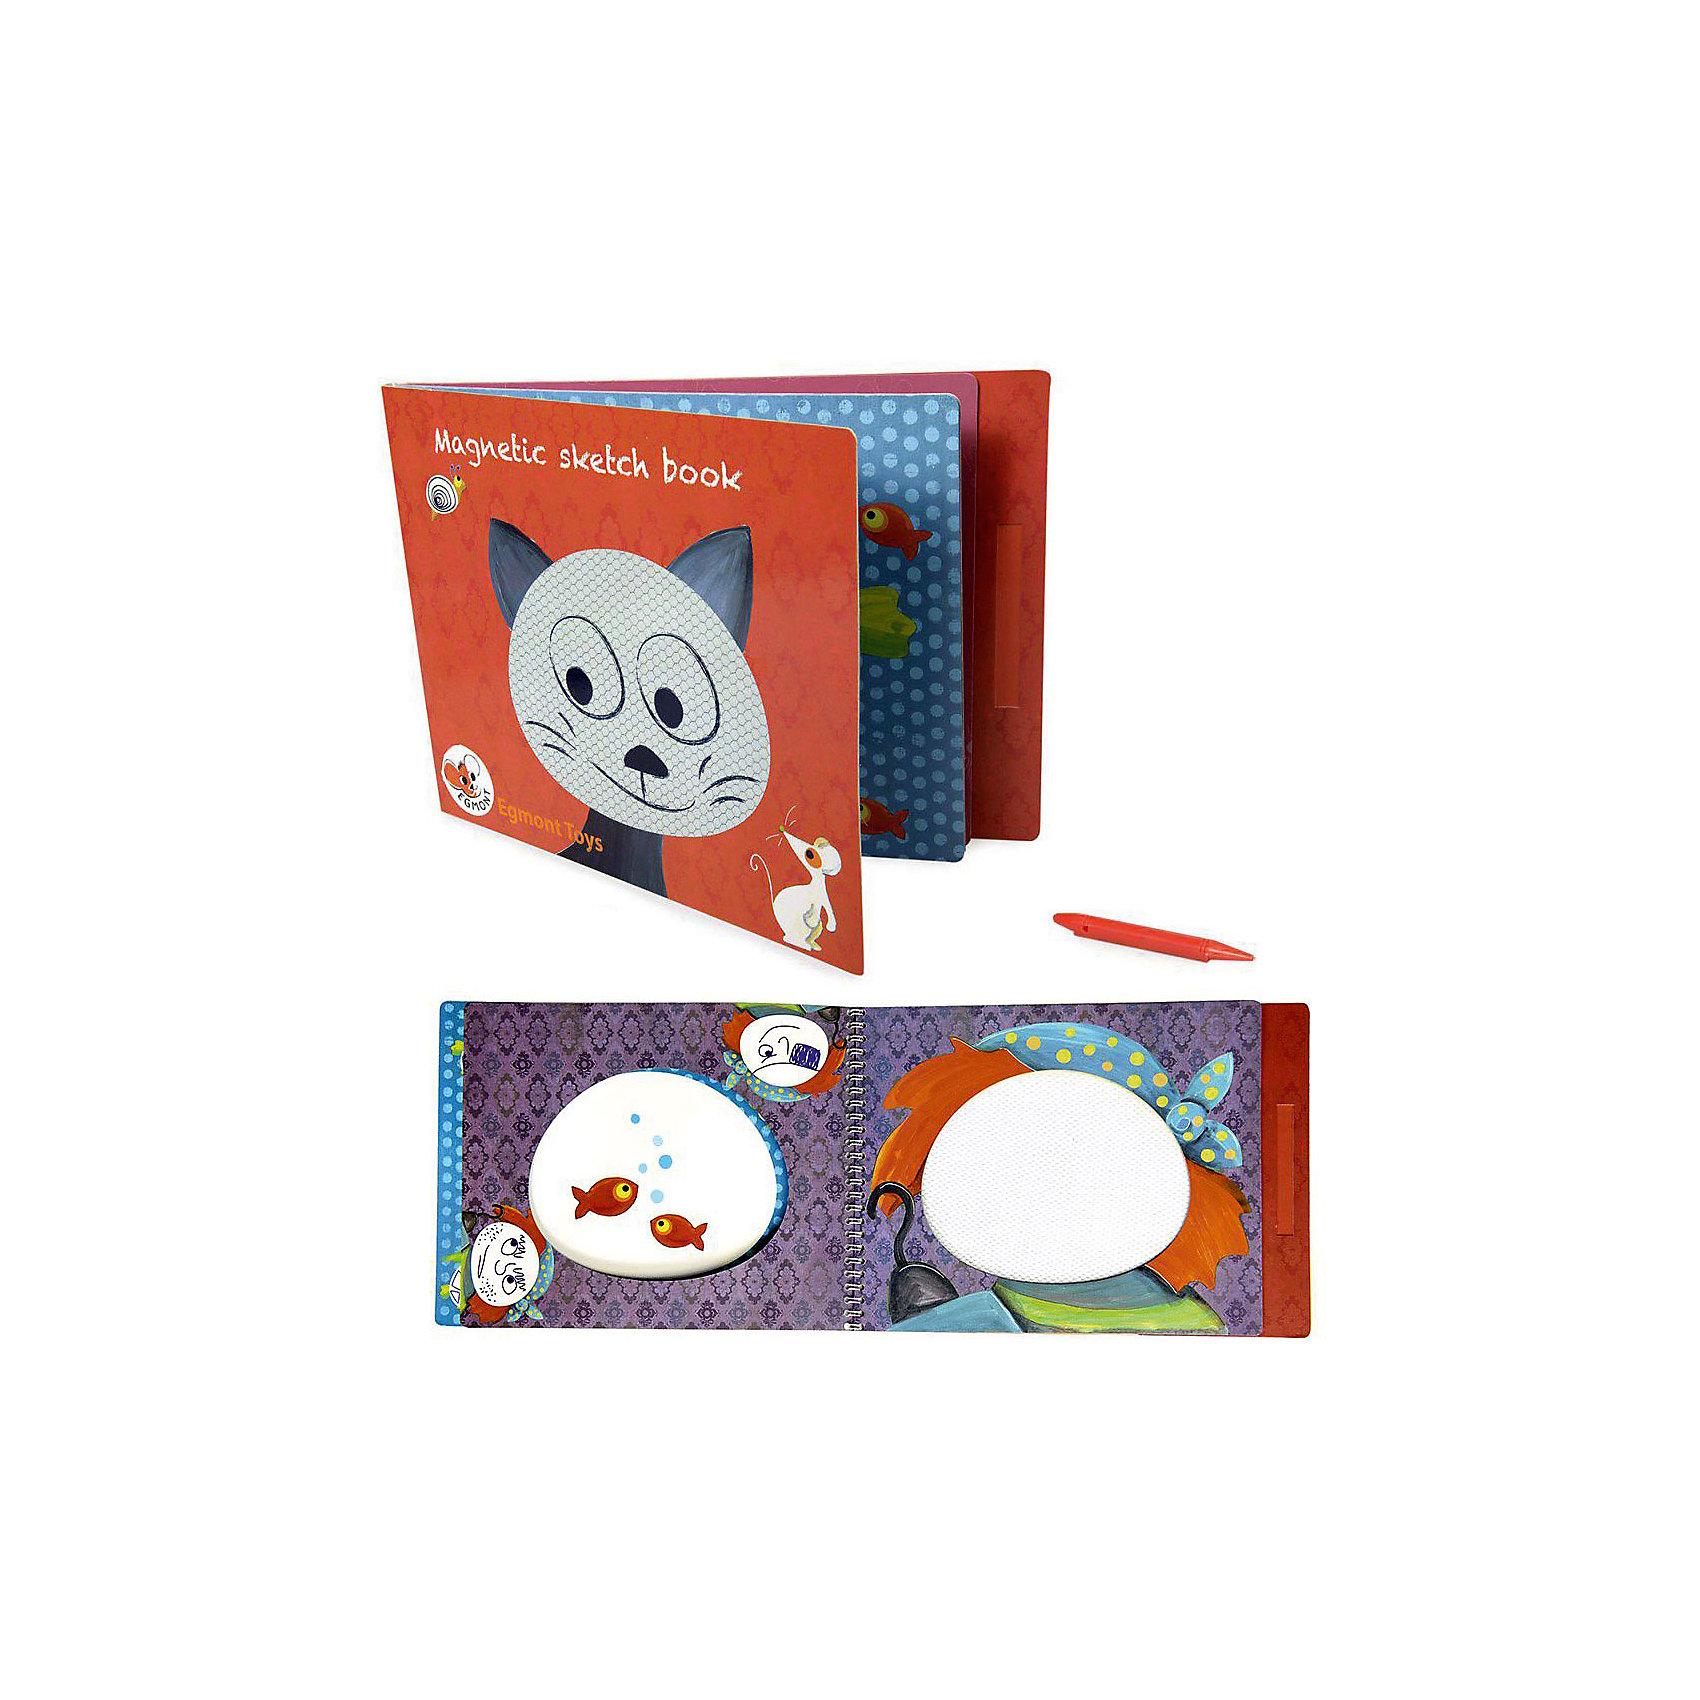 Настольная магнитная игра Котик, Egmont ToysНастольные игры для всей семьи<br>Характеристики:<br><br>• возраст: от 3-х лет;<br>• материал: картон, магнит;<br>• комплектация: магнитный блокнот, магнитная ручка;<br>• вес: 240 г;<br>• размеры (ДхШхВ): 29х21х1 см;<br><br>Детская настольная магнитная игра  «Котик», Egmont Toys – это магнитный альбом, предназначенный для обучения ребенка рисования по эскизам. <br><br>Набор состоит из блокнота и магнитной ручки. На каждой страничке нанесено изображение животных или предметов. На рисунке предусмотрены свободные магнитные поля, на которых ребенку необходимо дорисовать предмет или узор. <br><br>Детская настольная магнитная игра  «Котик», Egmont Toys – это целое обучающее рисованию пособие, которое позволит в легкой игровой форме научить ребенка основным приемам художественного творчества. <br><br>Детскую настольную магнитную игру  «Котик», Egmont Toys можно купить в нашем интернет-магазине.<br><br>Ширина мм: 290<br>Глубина мм: 210<br>Высота мм: 10<br>Вес г: 240<br>Возраст от месяцев: 36<br>Возраст до месяцев: 2147483647<br>Пол: Унисекс<br>Возраст: Детский<br>SKU: 5544495